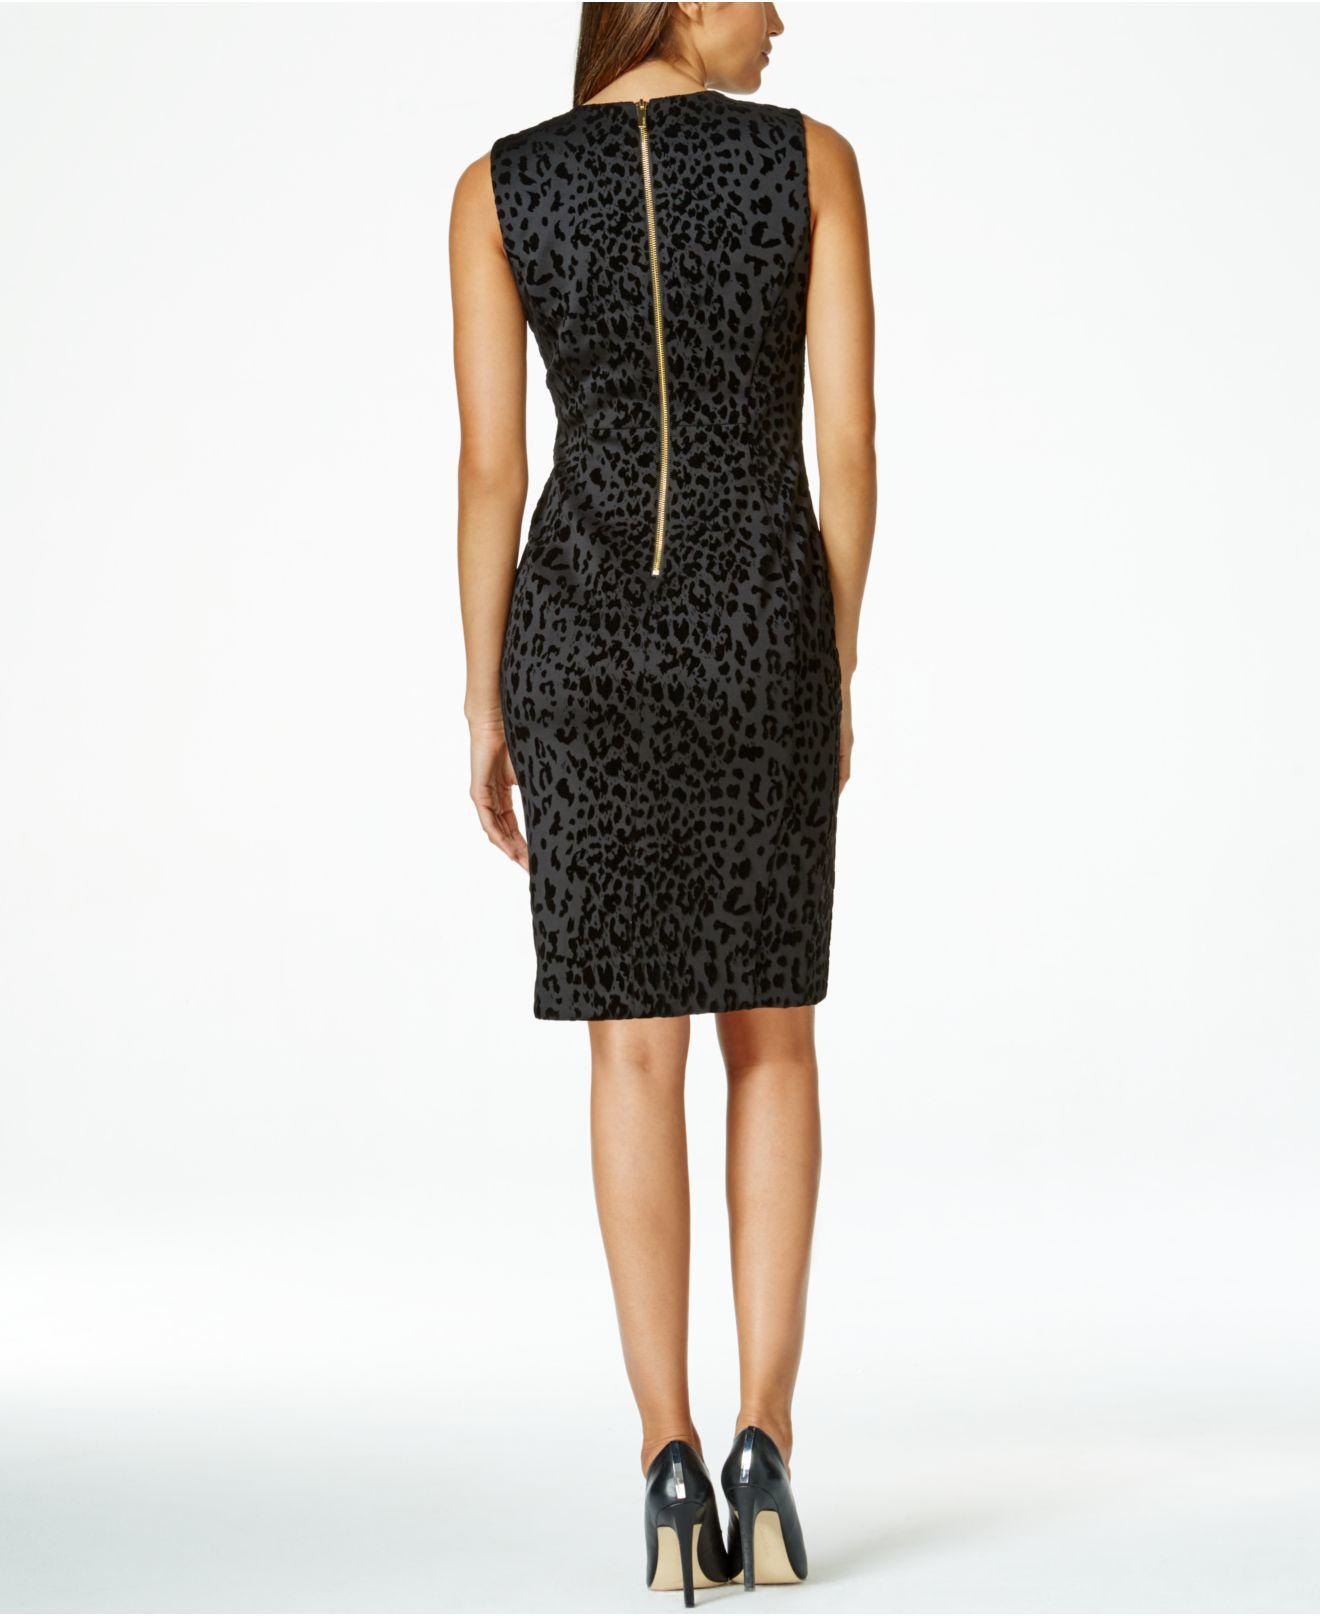 3148c6e5 Calvin Klein Leopard-print Sheath Dress in Black - Lyst